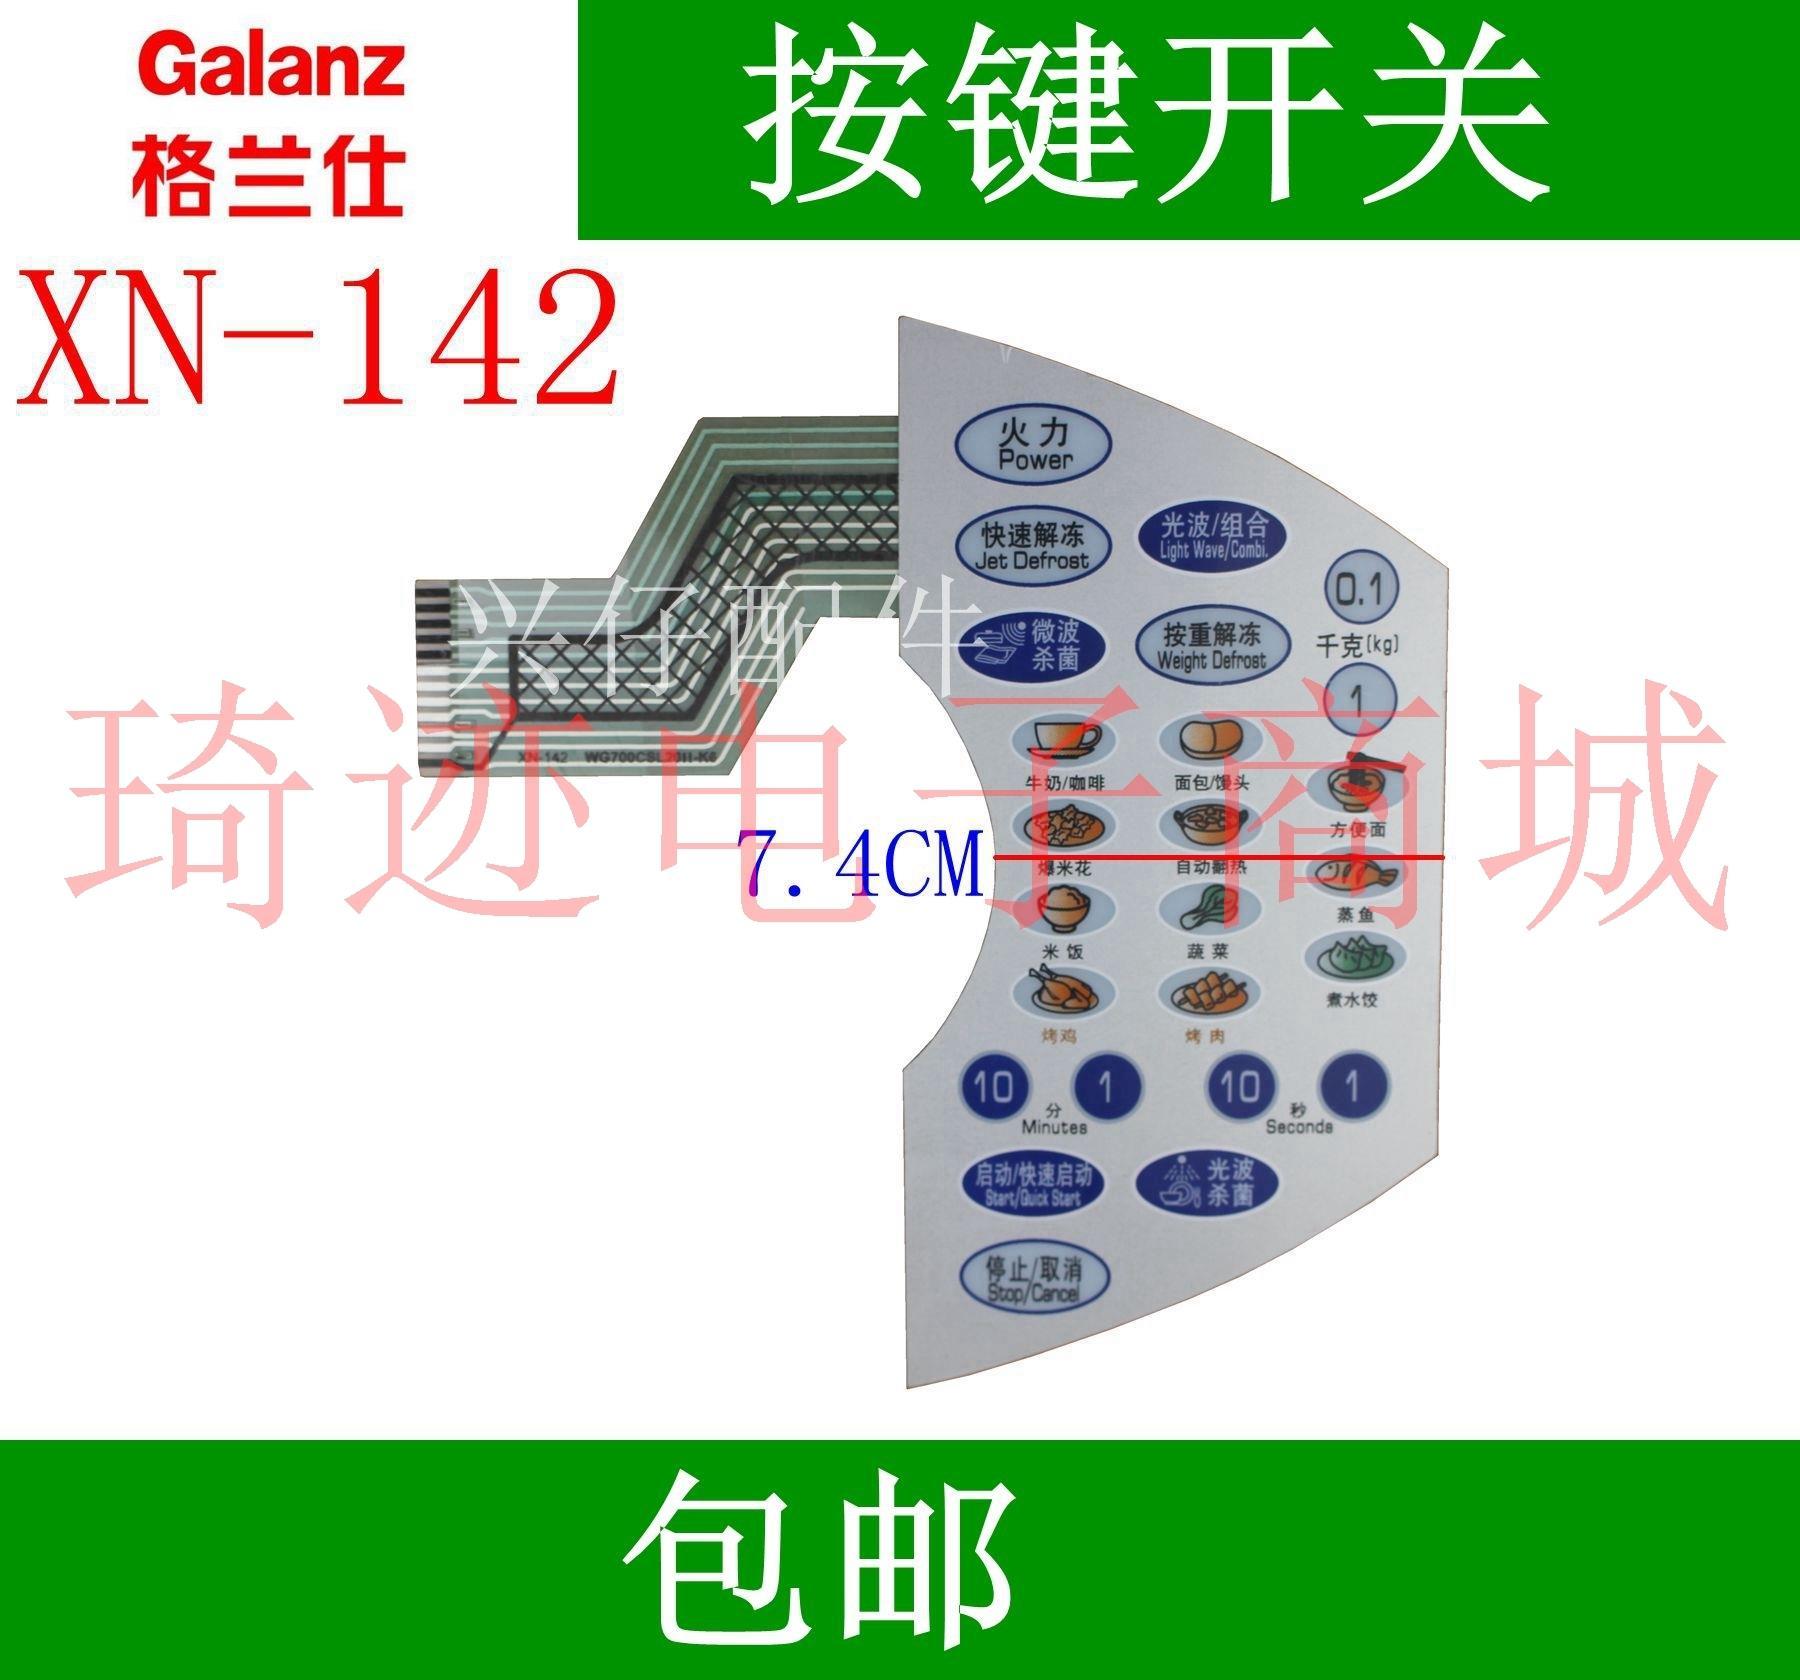 микроволновая печь WG700CSL20II-K6 Galanz мембранный переключатель панели переключатель клавиши переключения сенсорный переключатель